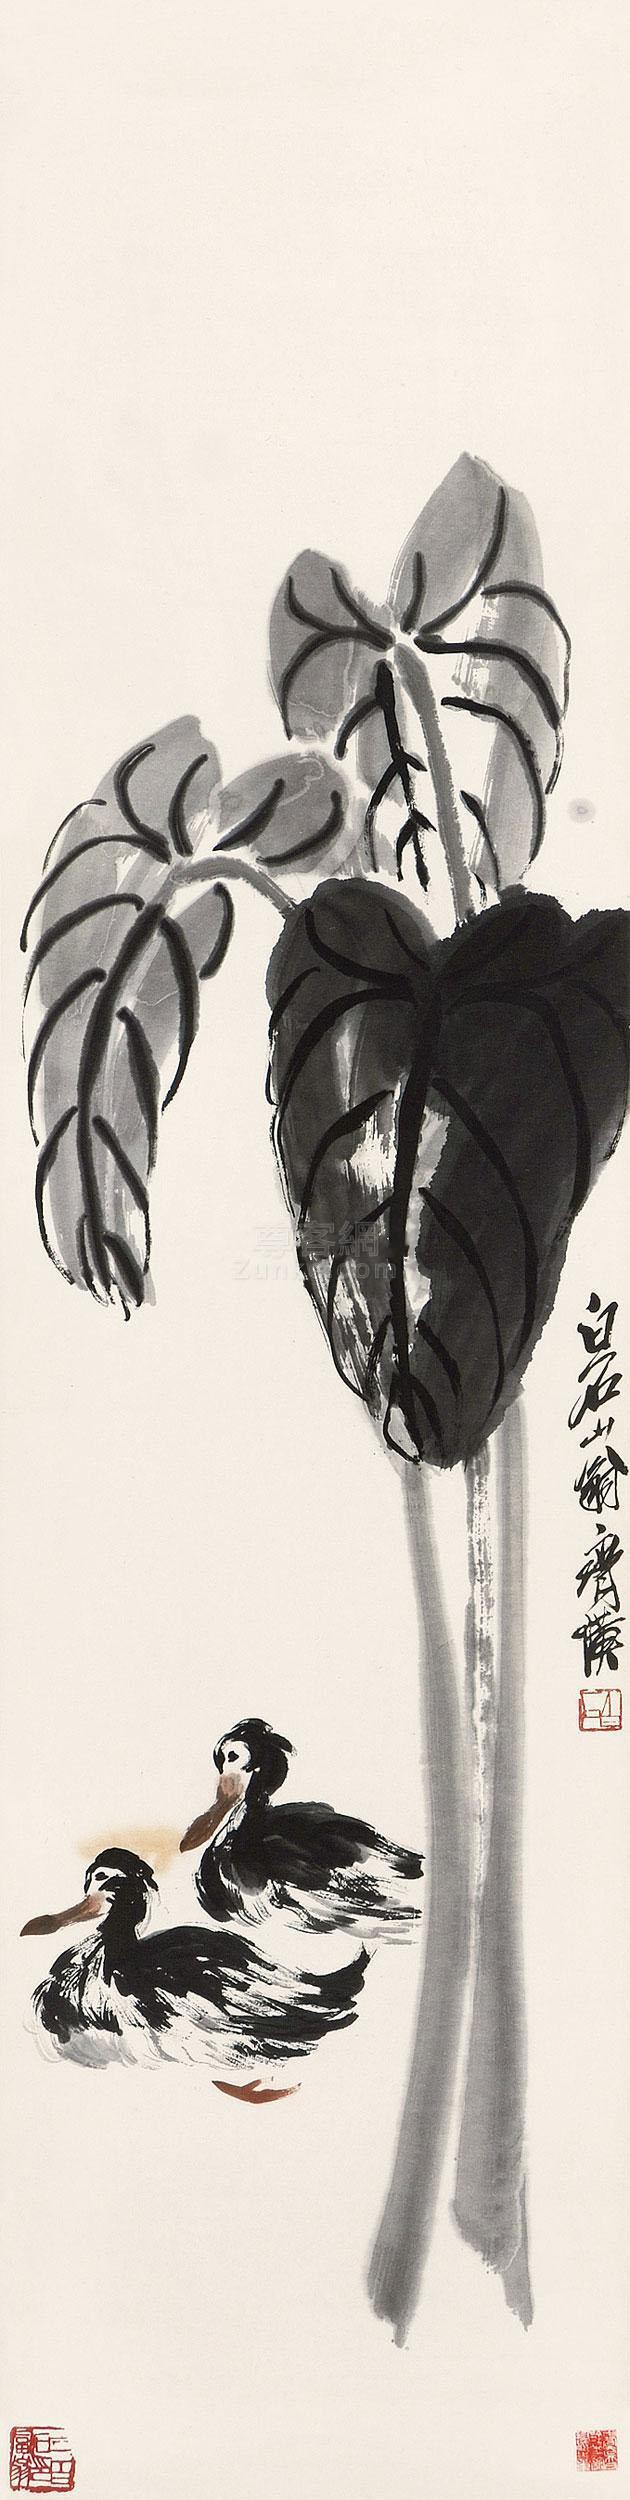 齐白石 双鸭竽叶图 立轴 纸本作品欣赏